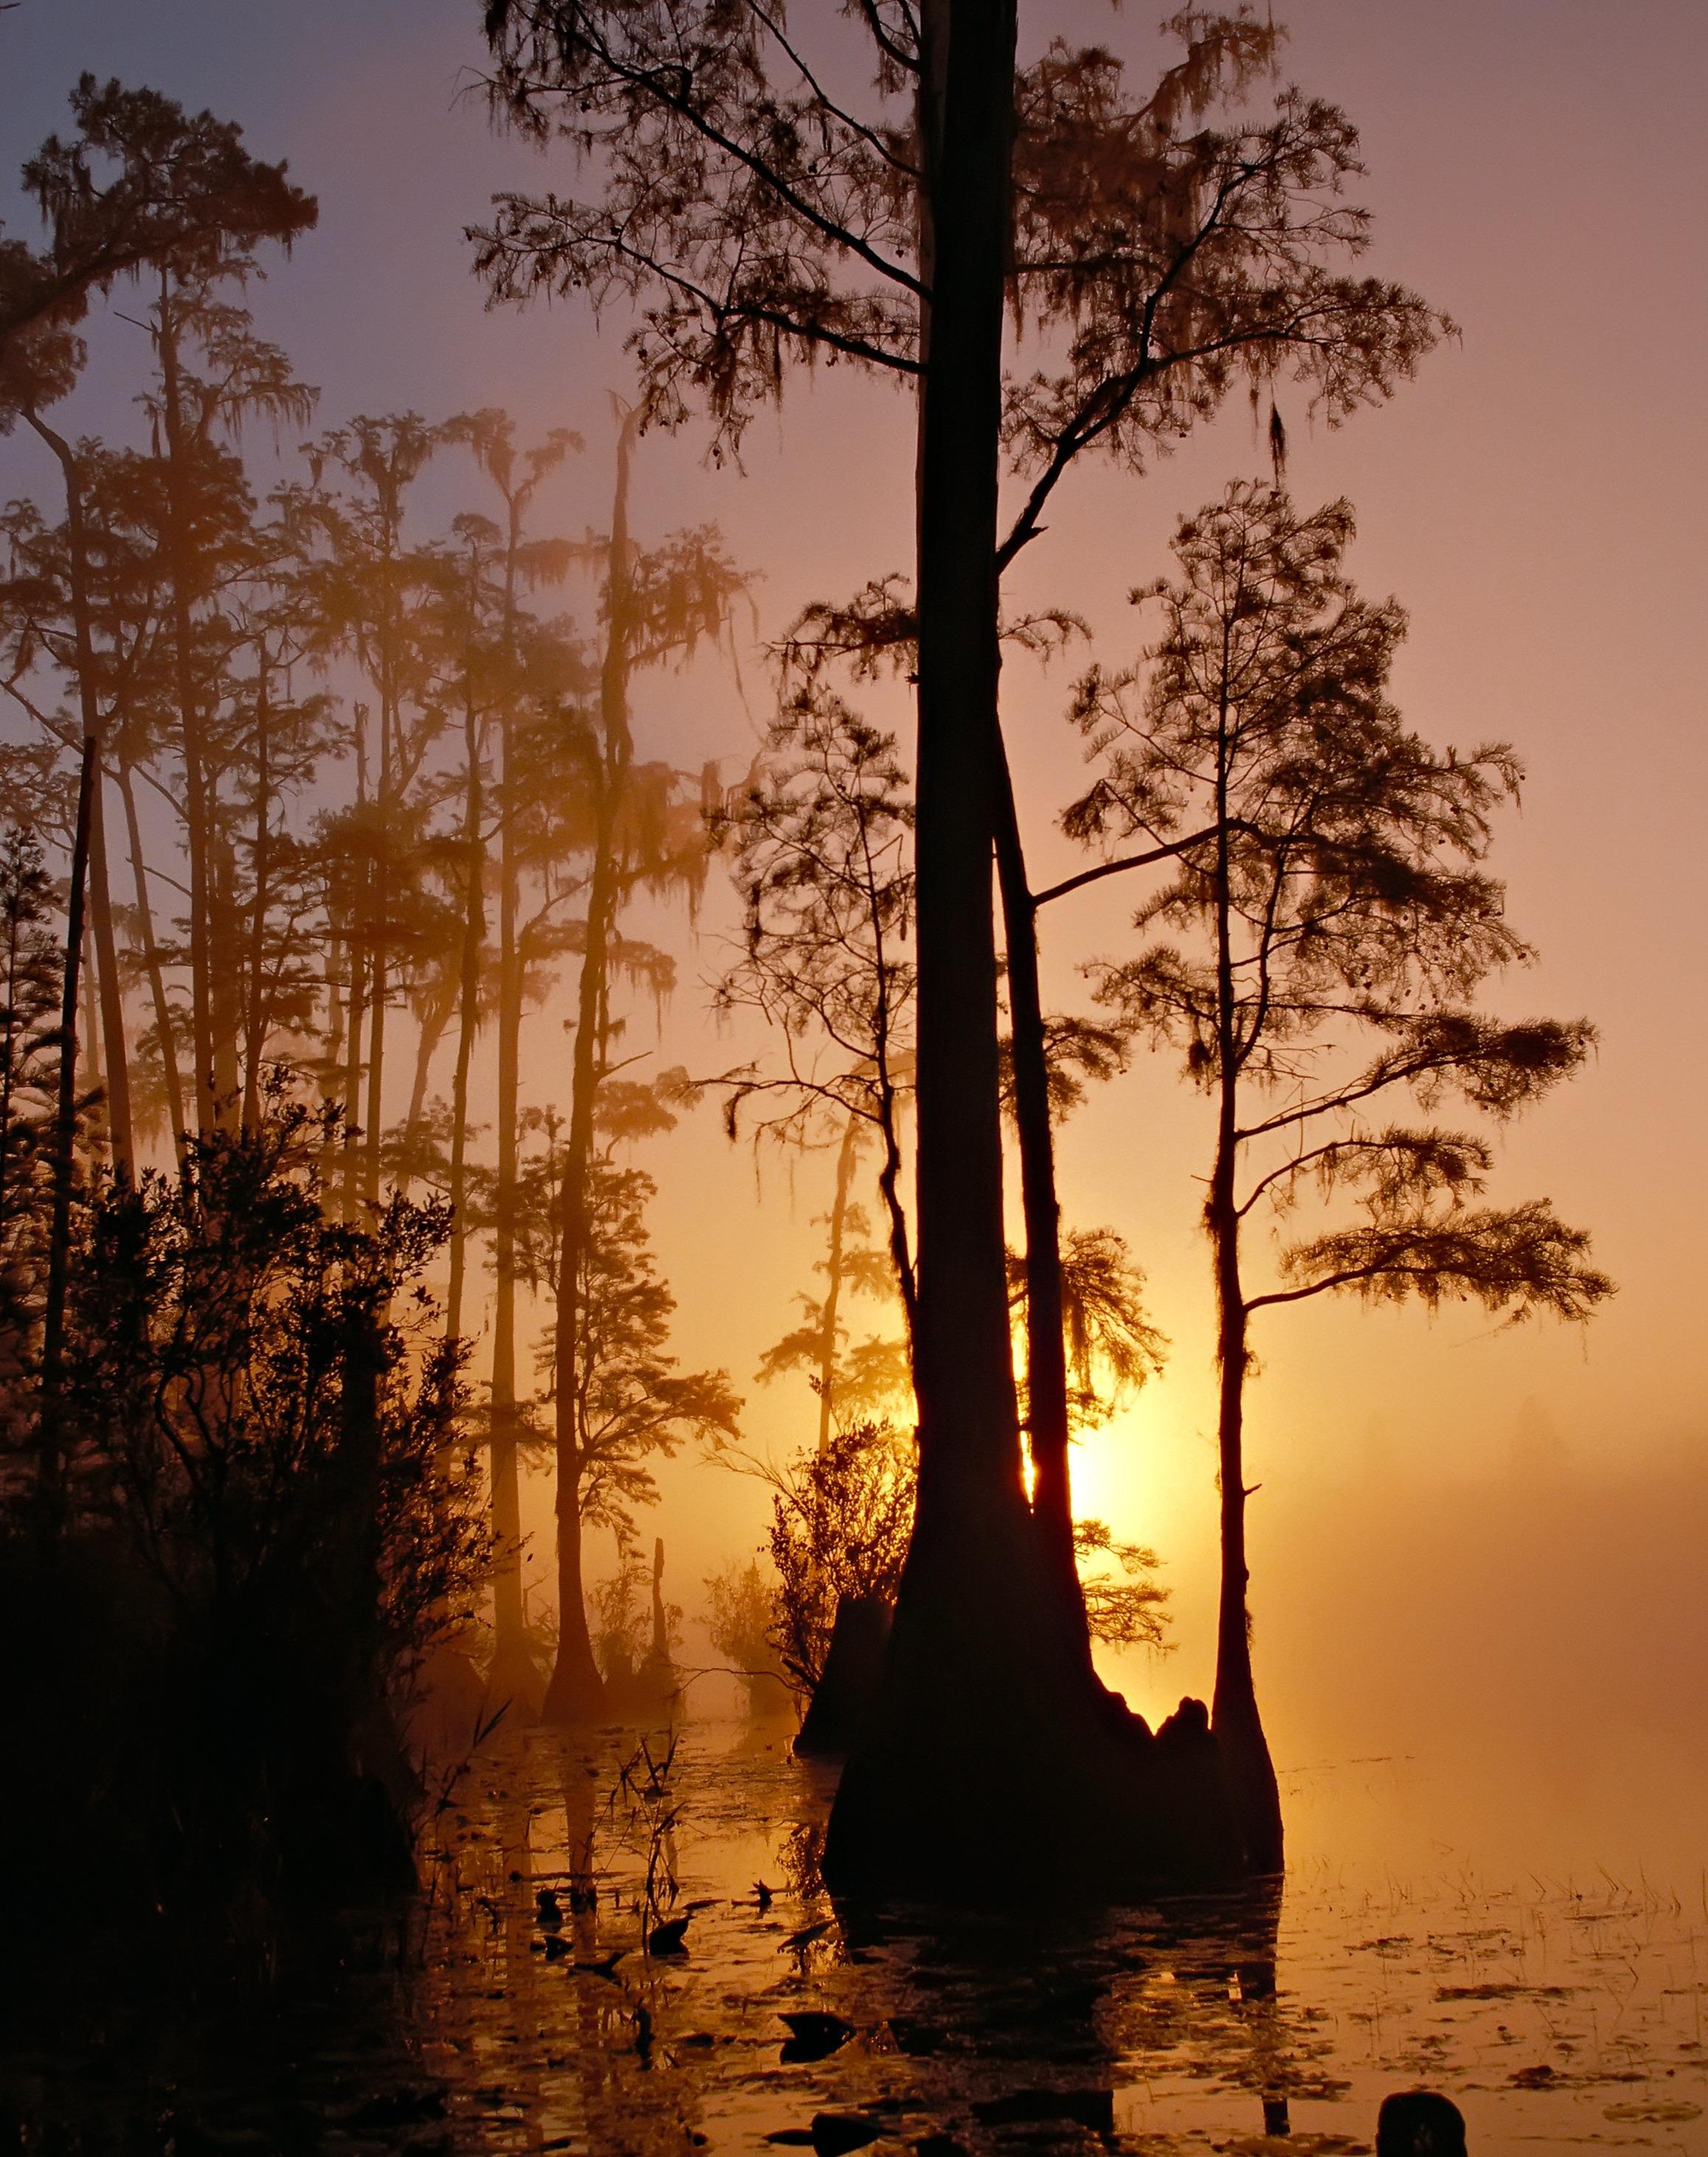 Sunset in the swamp, marsh, sunset, sun, orange, trees, vegetation, nature